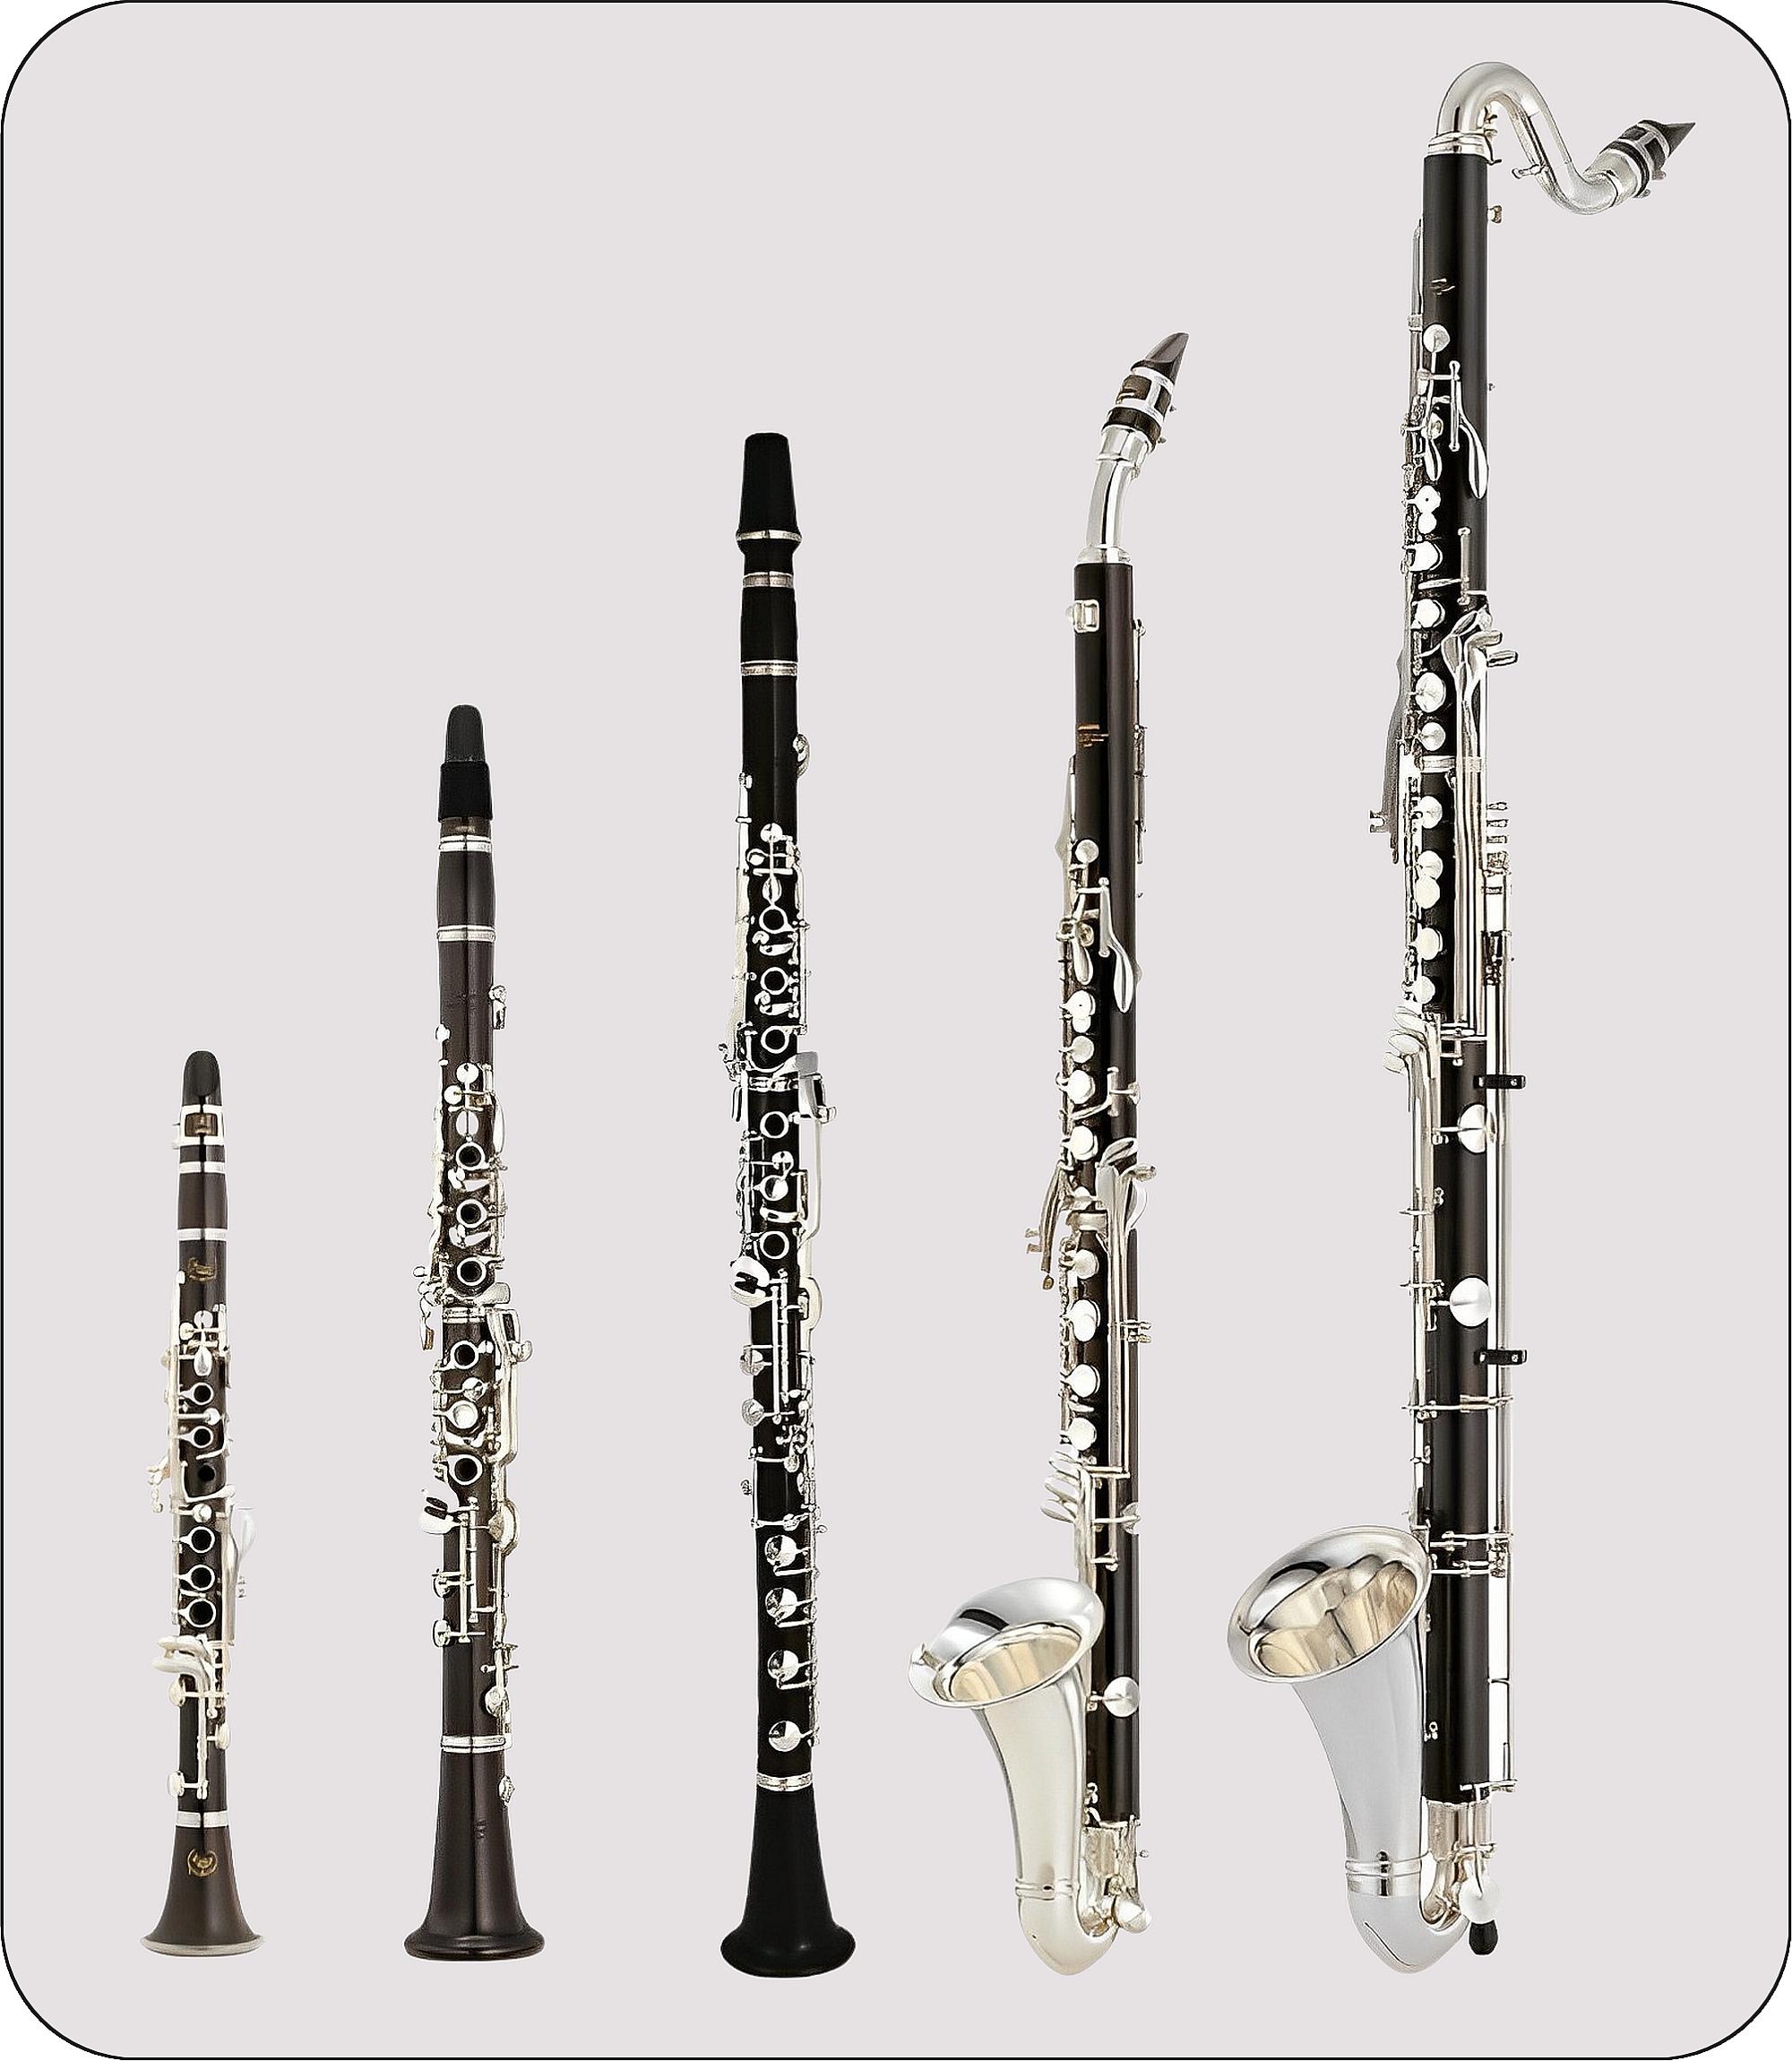 Clarinet Family Wikipedia